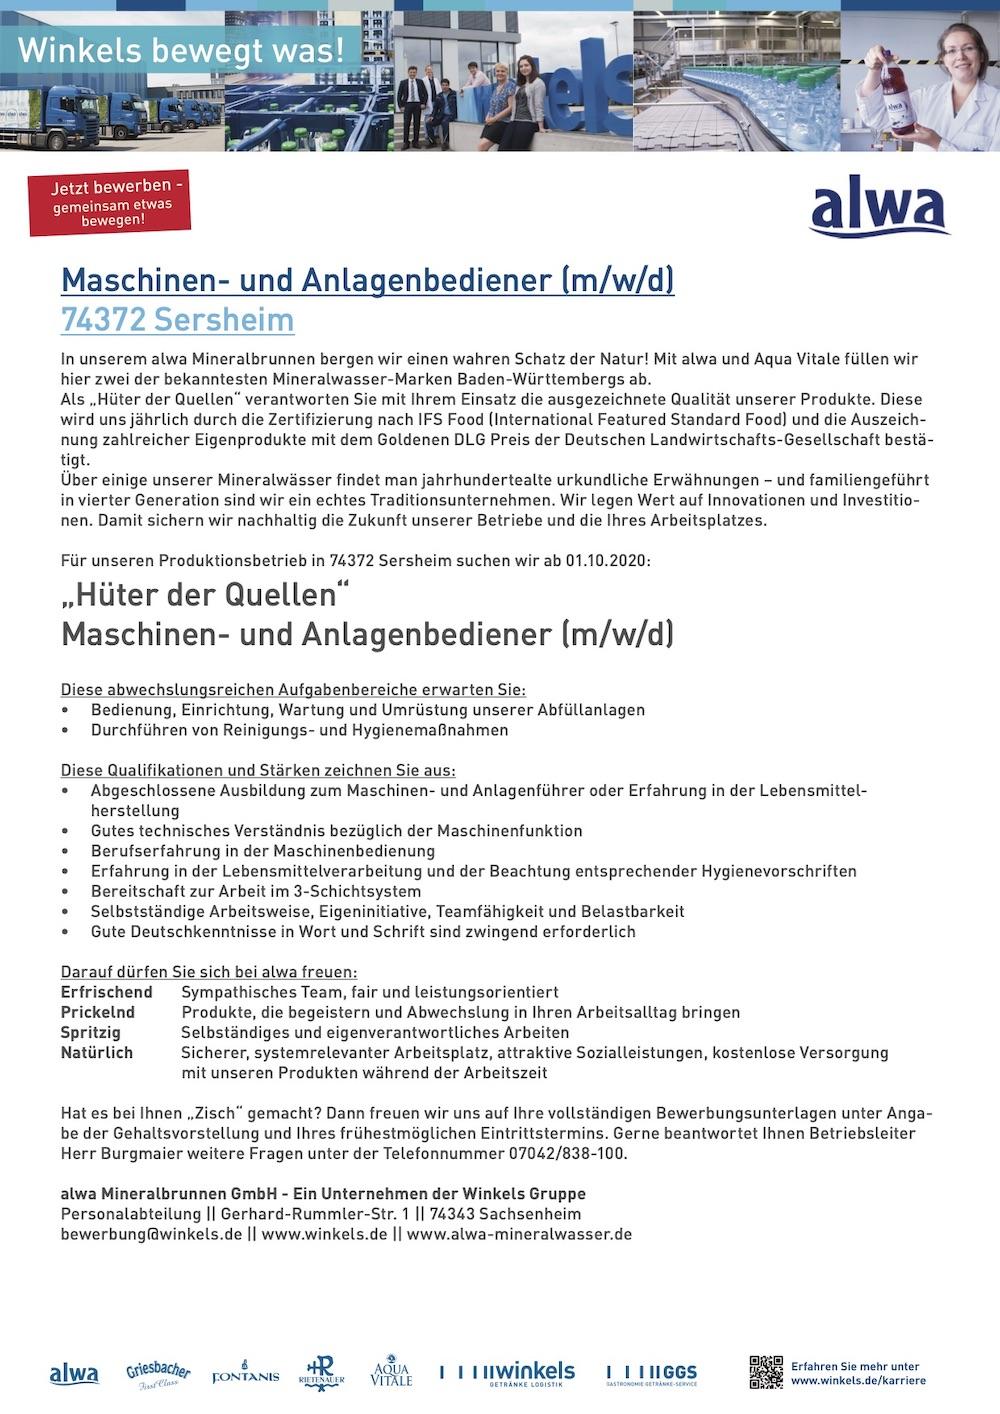 Maschinen- und Anlagenbediener (m/w/d)